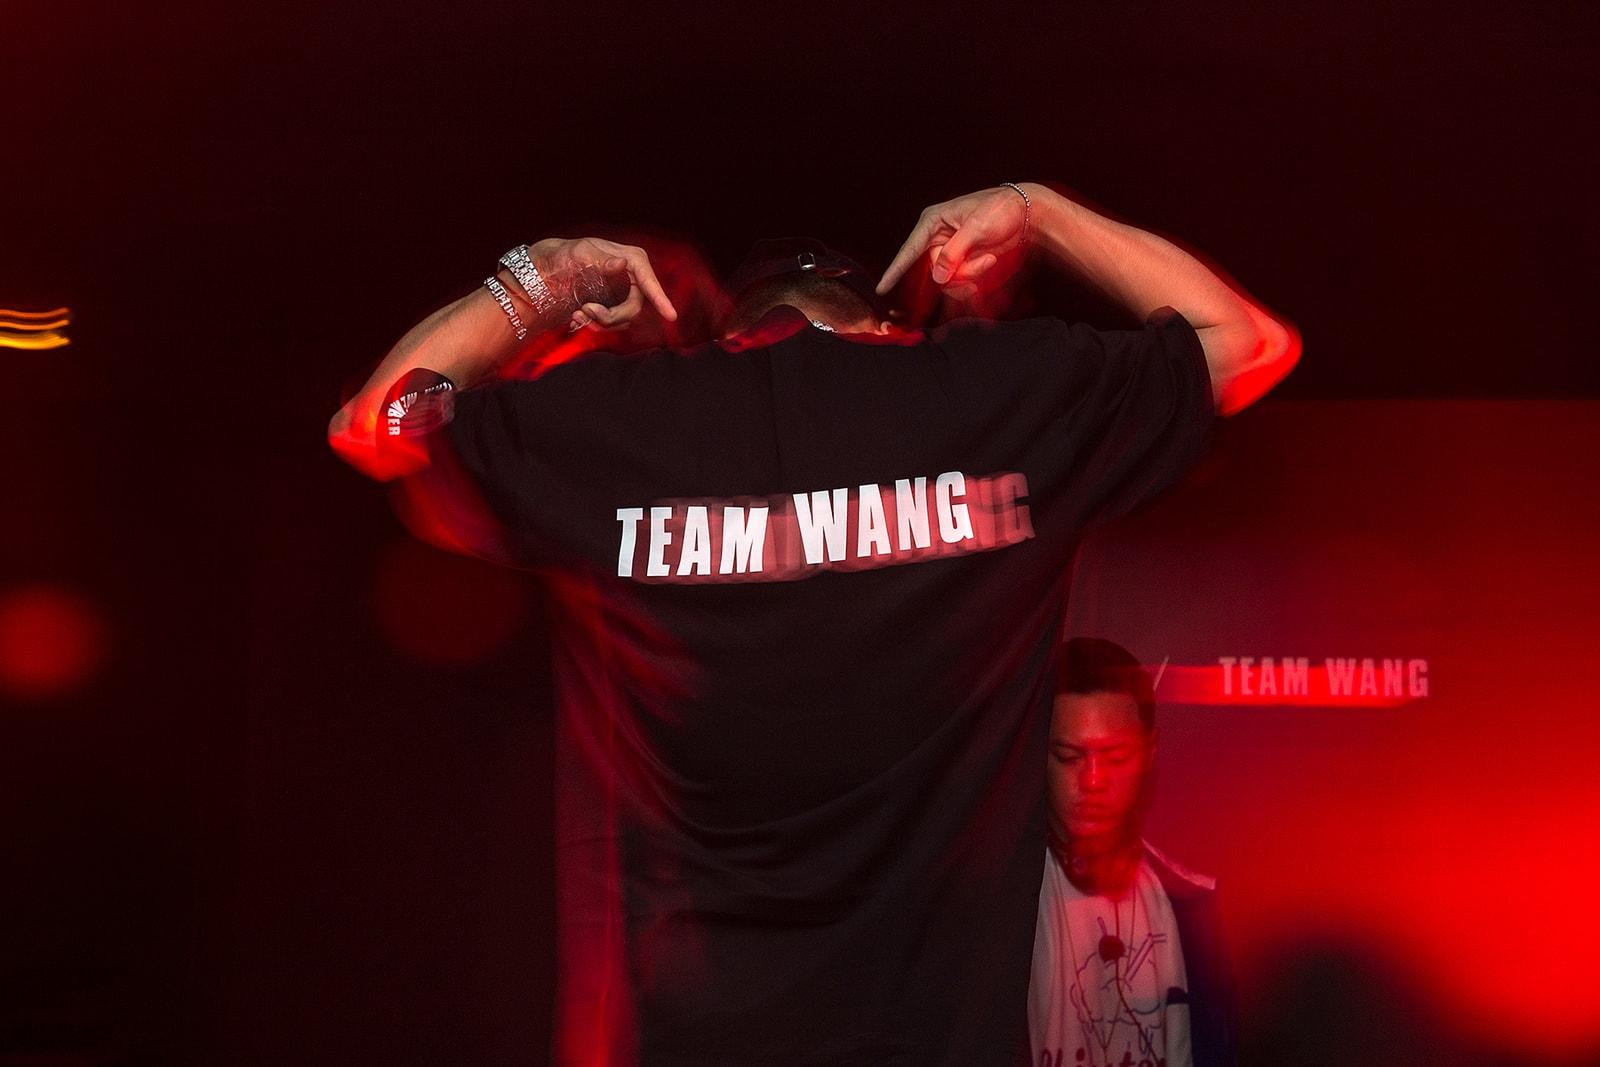 在首个系列正式登场之前,王嘉尔携 TEAM WANG 创始成员与我们剖析品牌故事及创作理念